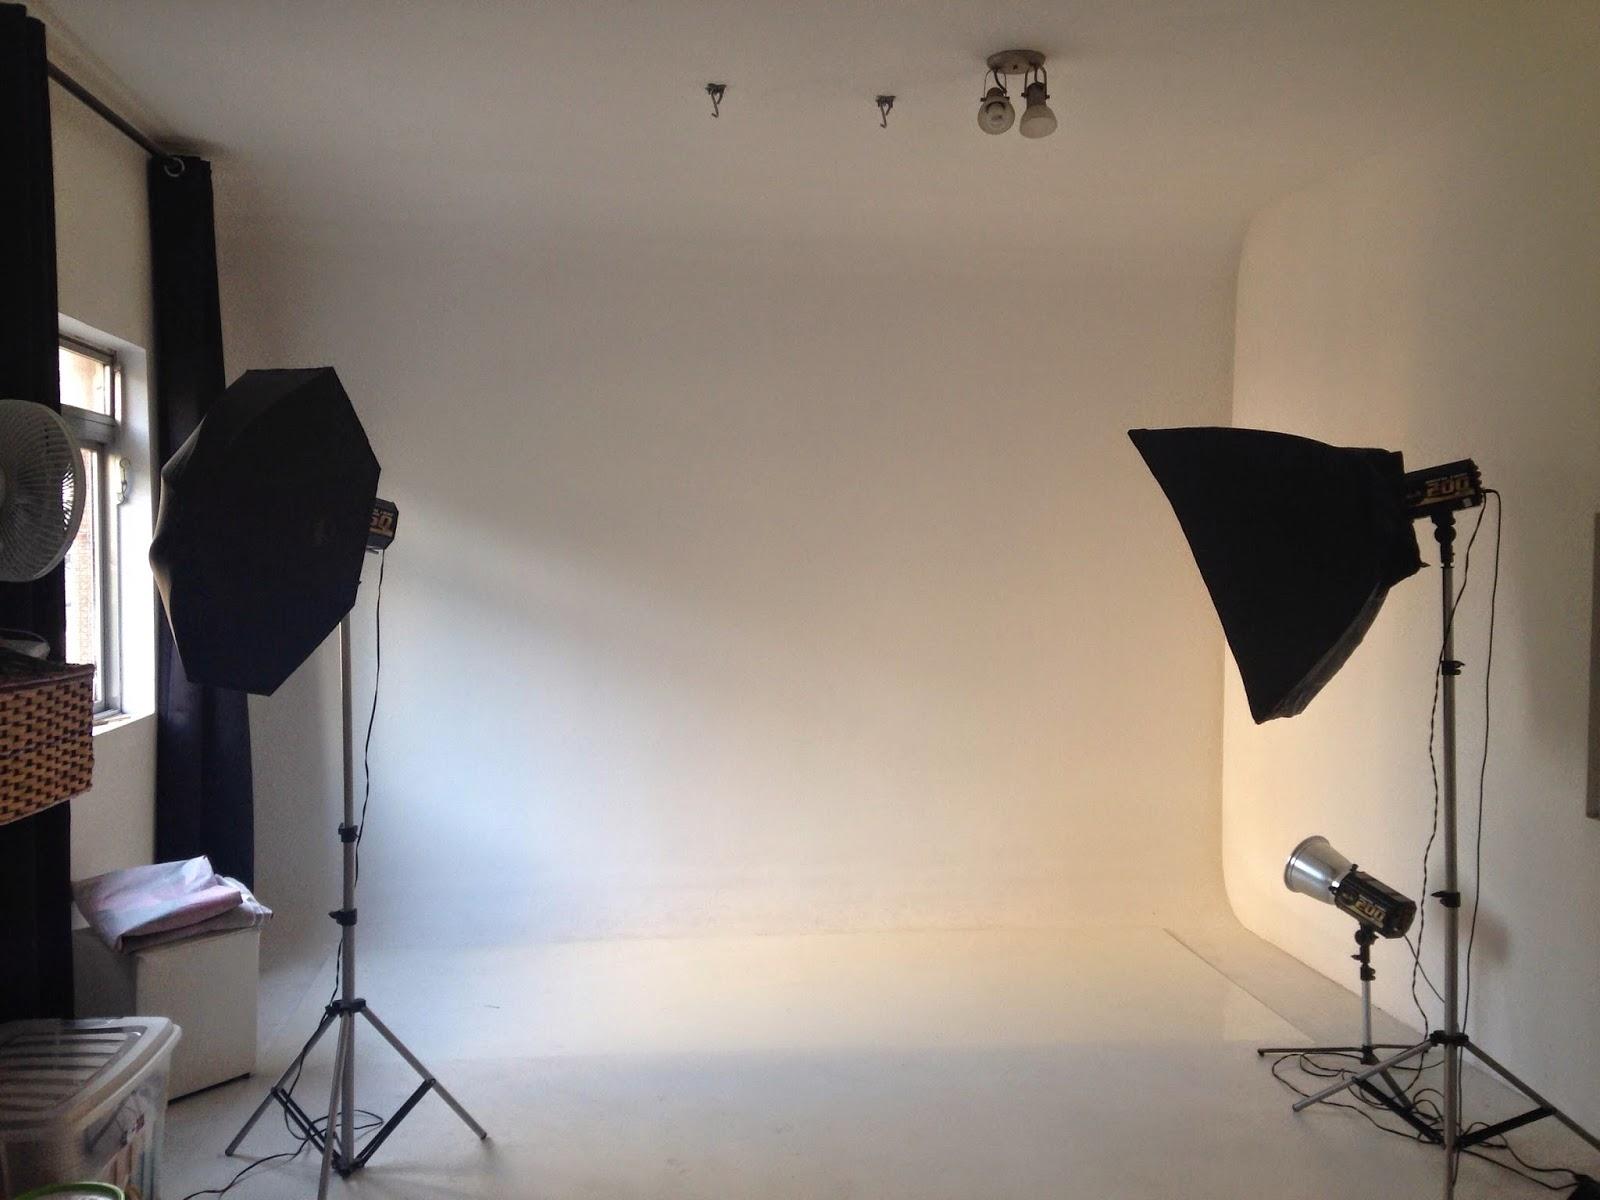 Imagens de #886743 Locação de Estúdio Fotográfico ABCD 1600x1200 px 2986 Box Banheiro Diadema